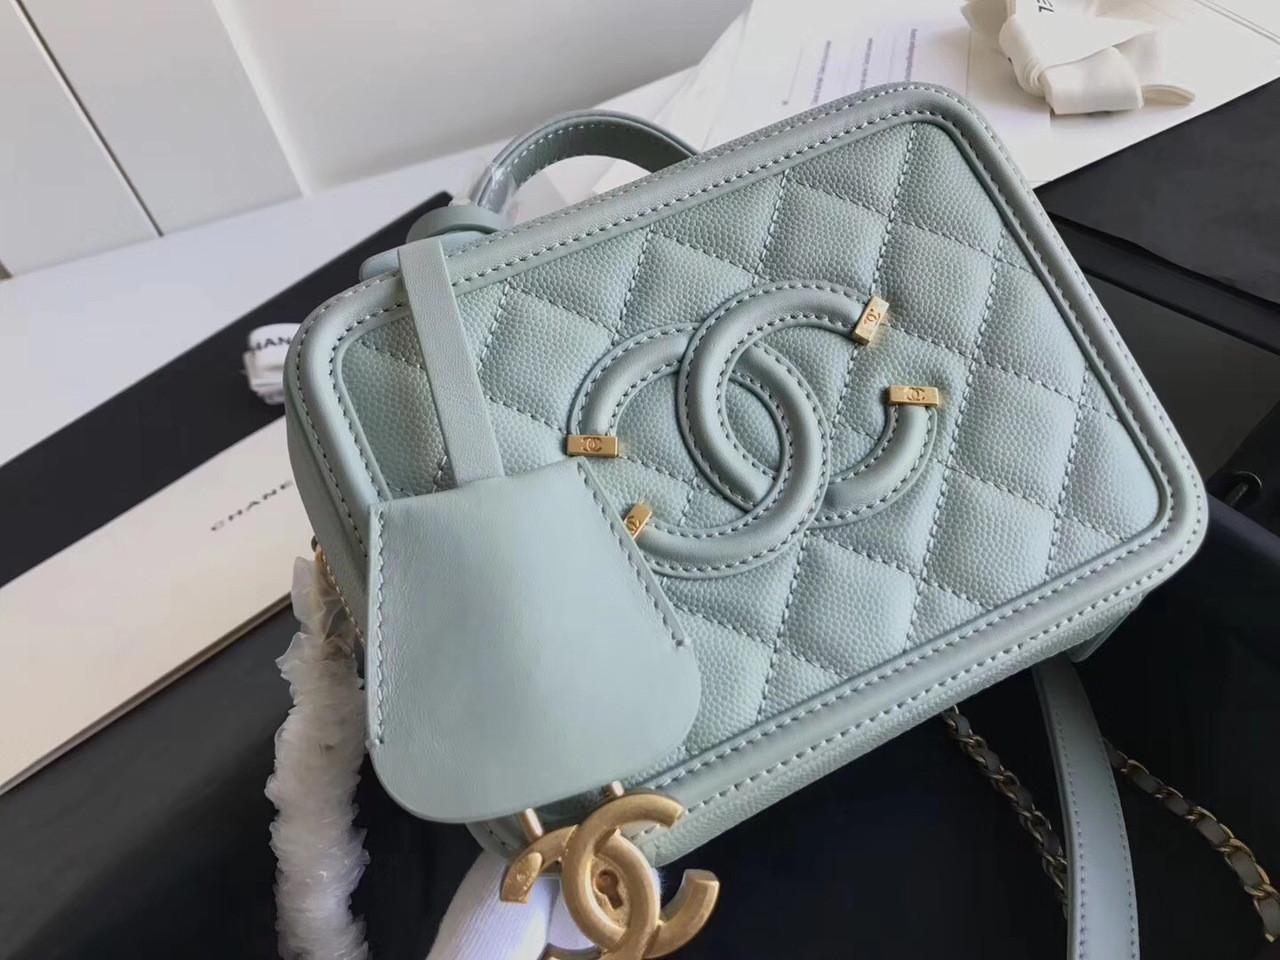 fa127fae915e CHANEL Small Vanity Case Grained Calfskin Mint